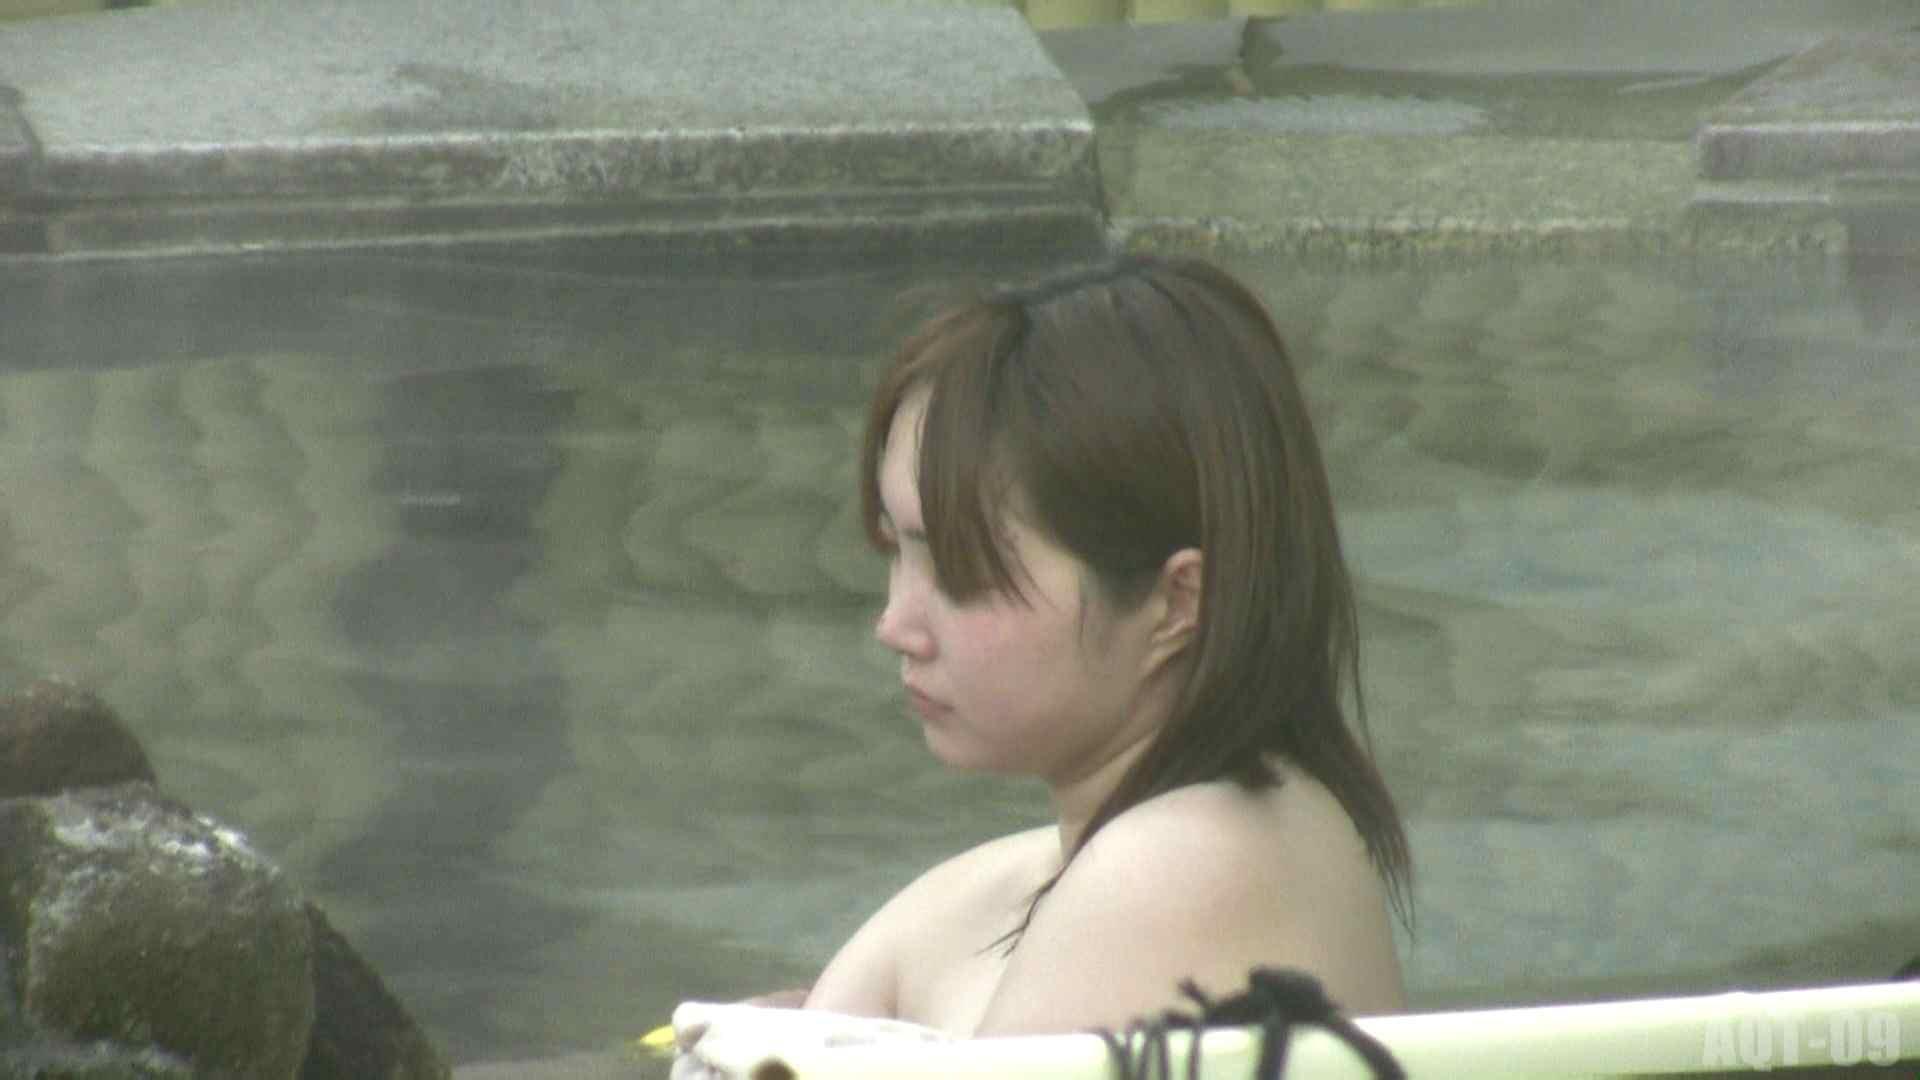 Aquaな露天風呂Vol.781 盗撮  110画像 48